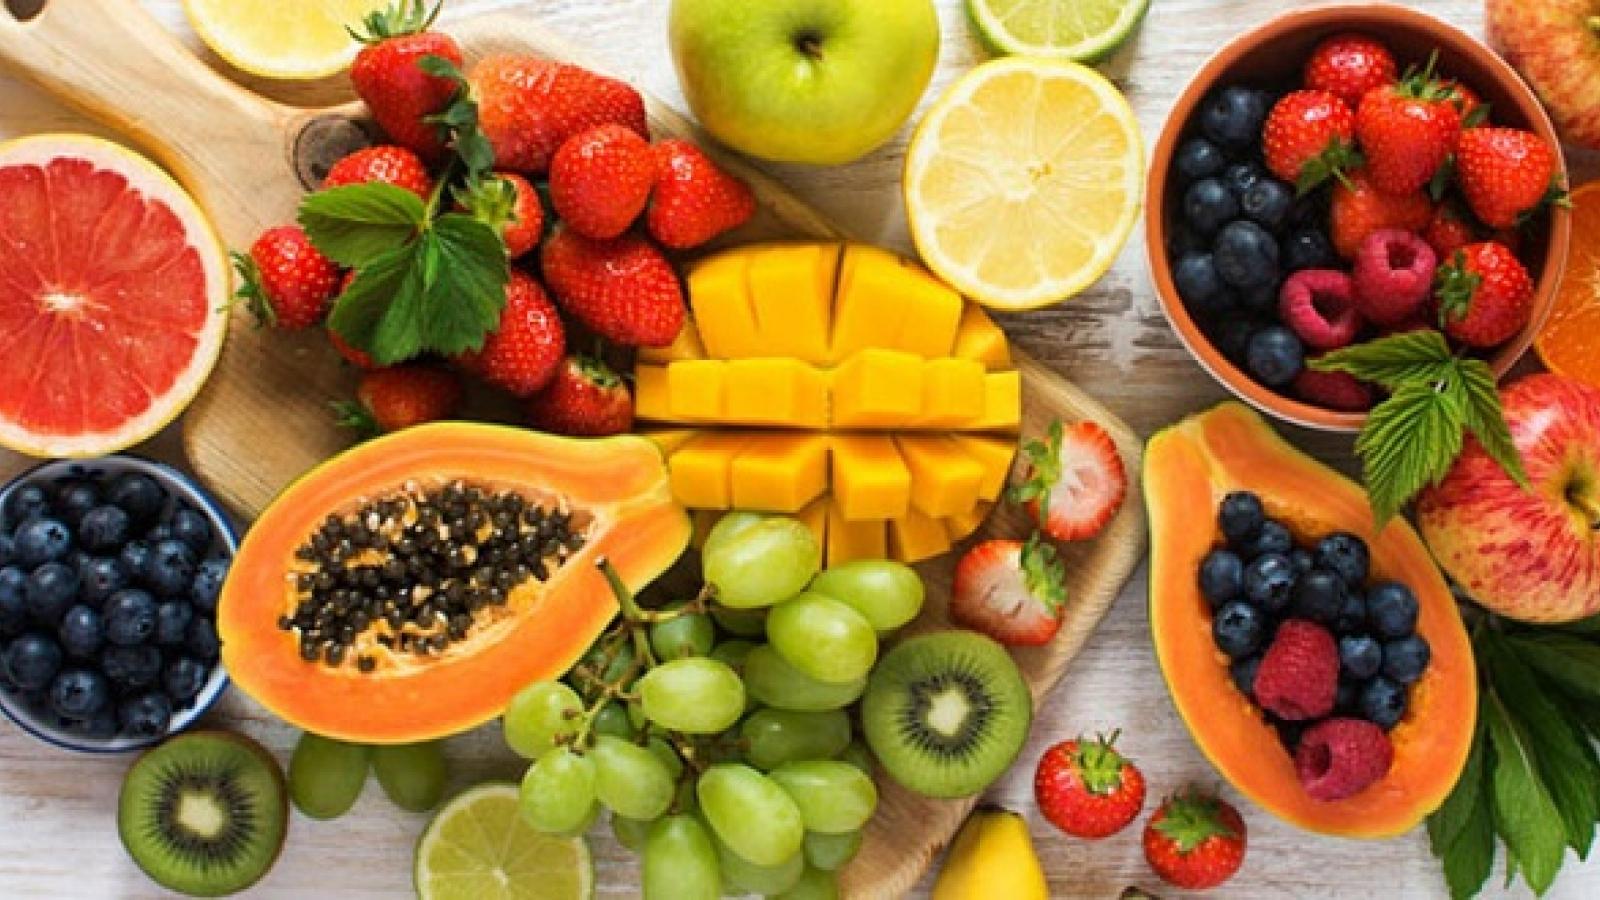 Mách bạn 8 loại hoa quả giúp da thải độc, sáng khỏe mịn màng